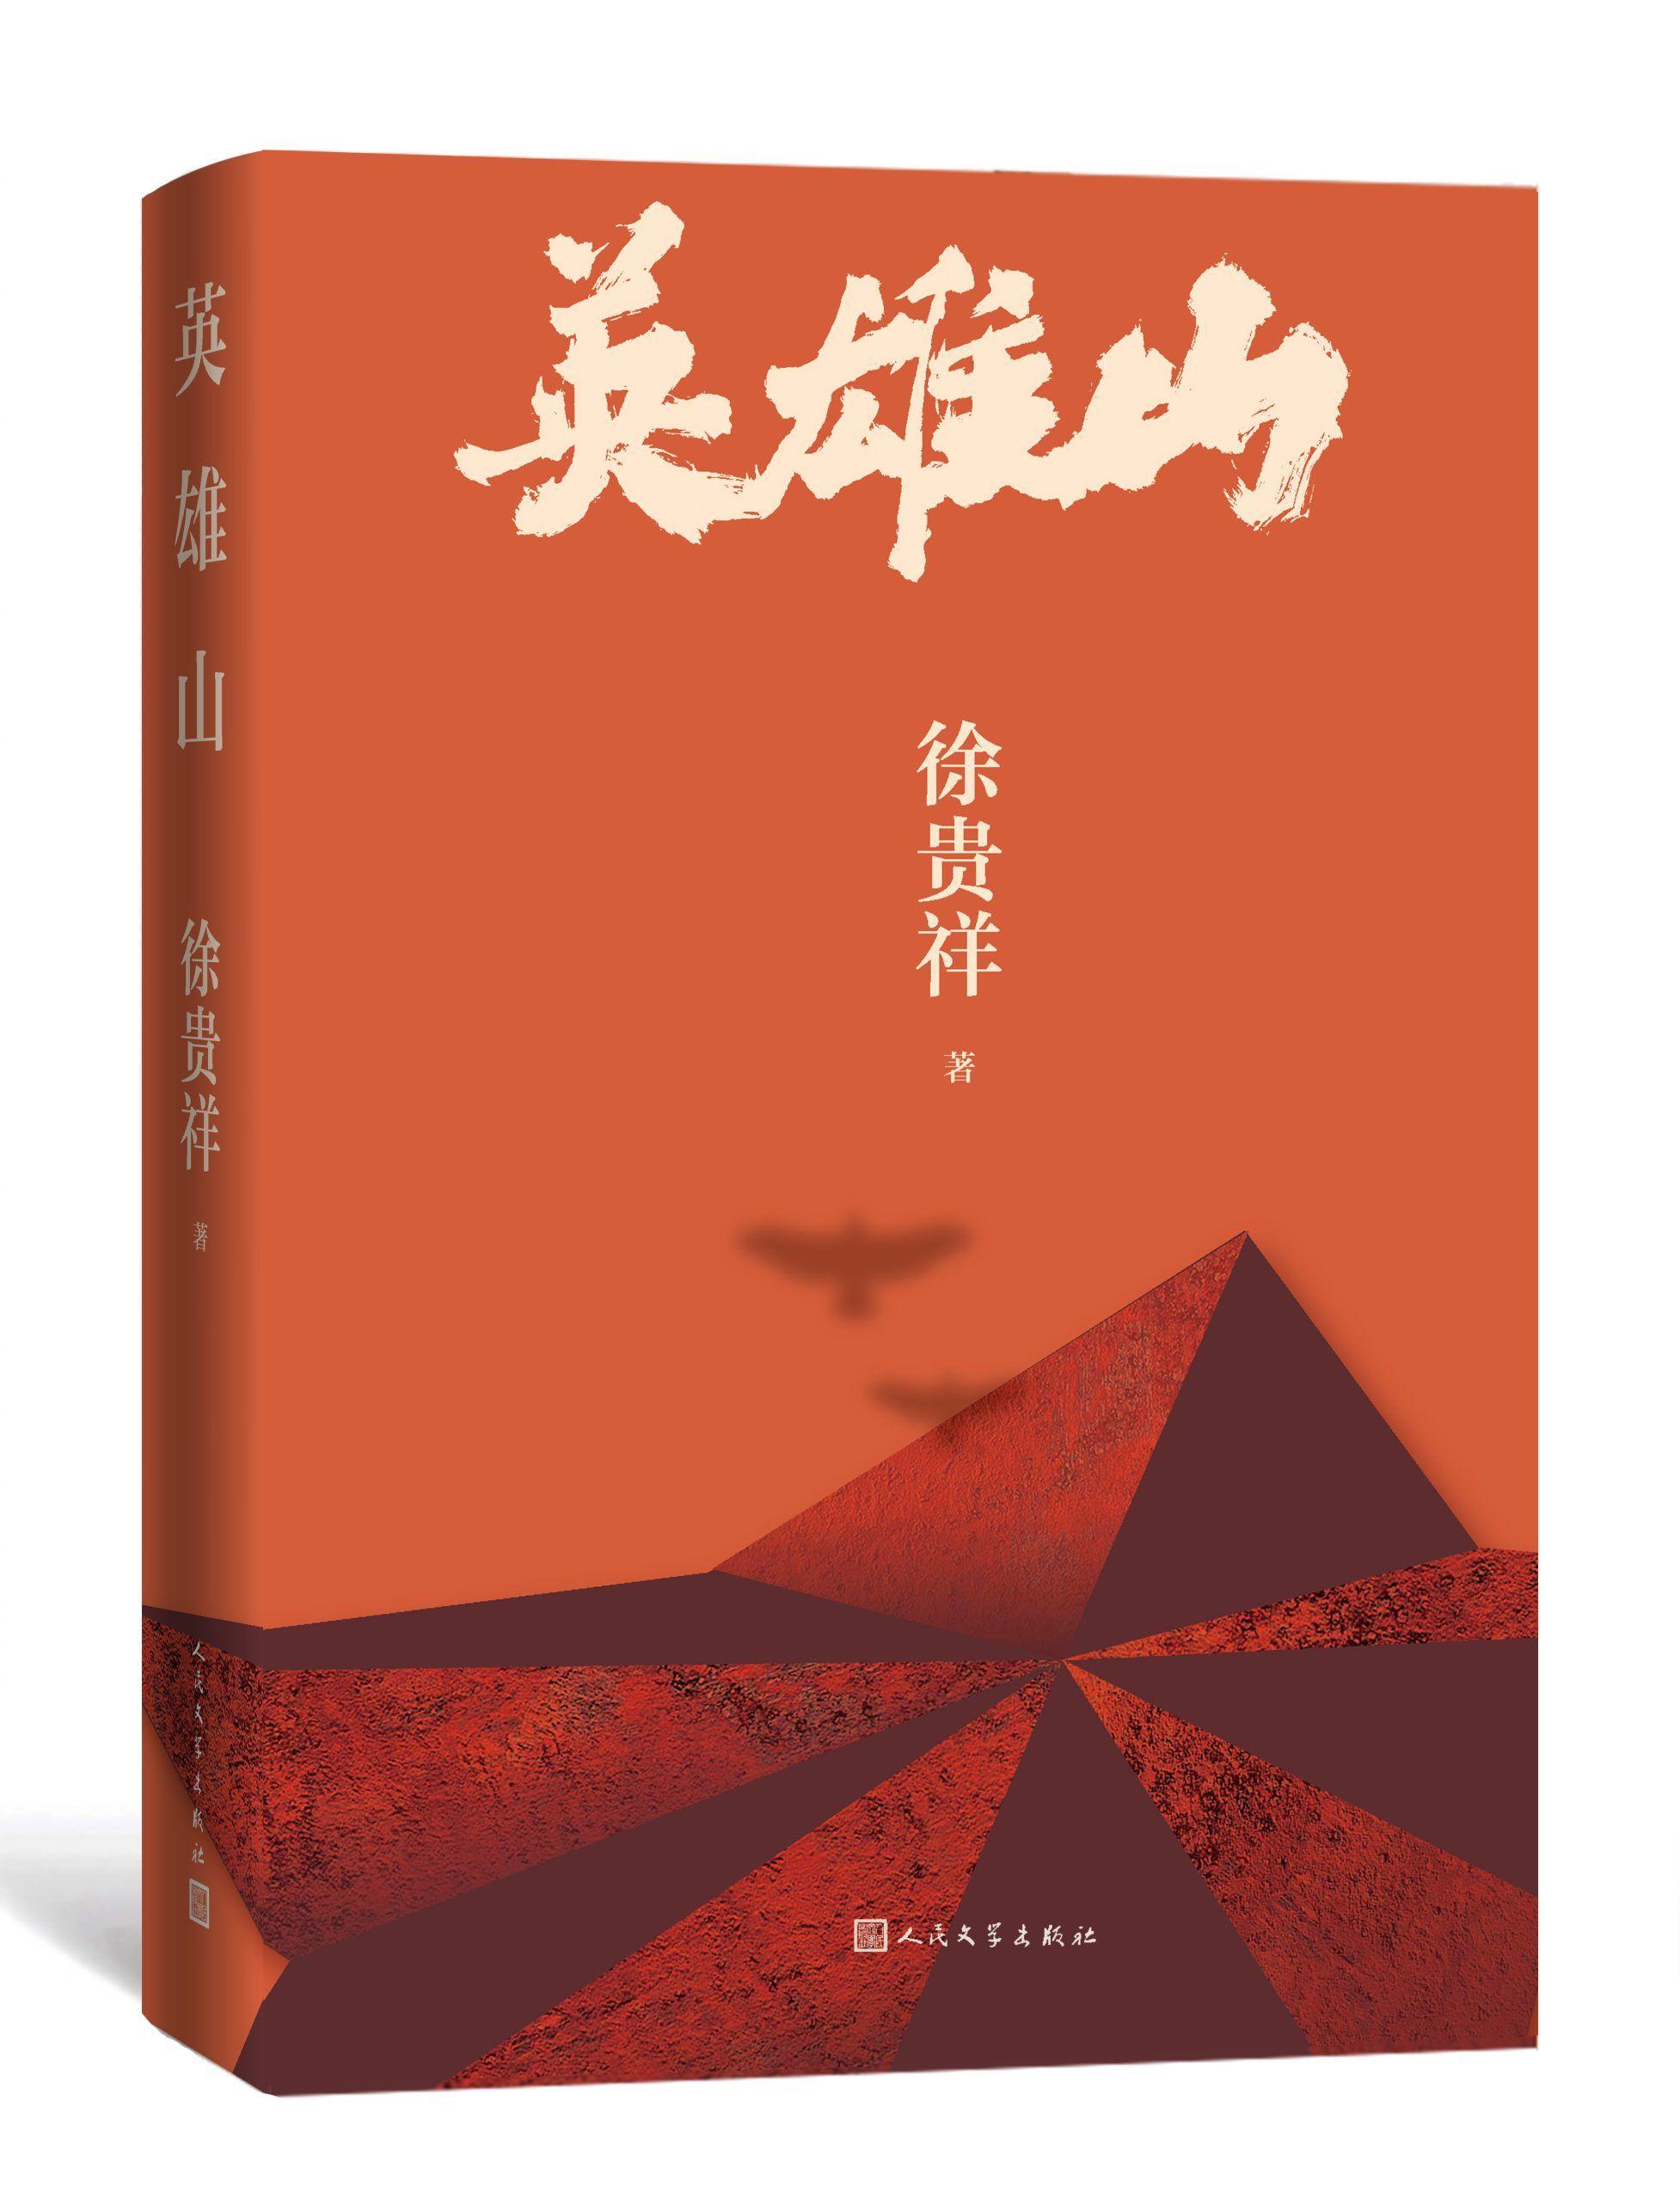 《英雄山》单行本出版,徐贵祥演绎两位抗日英雄的革命传奇